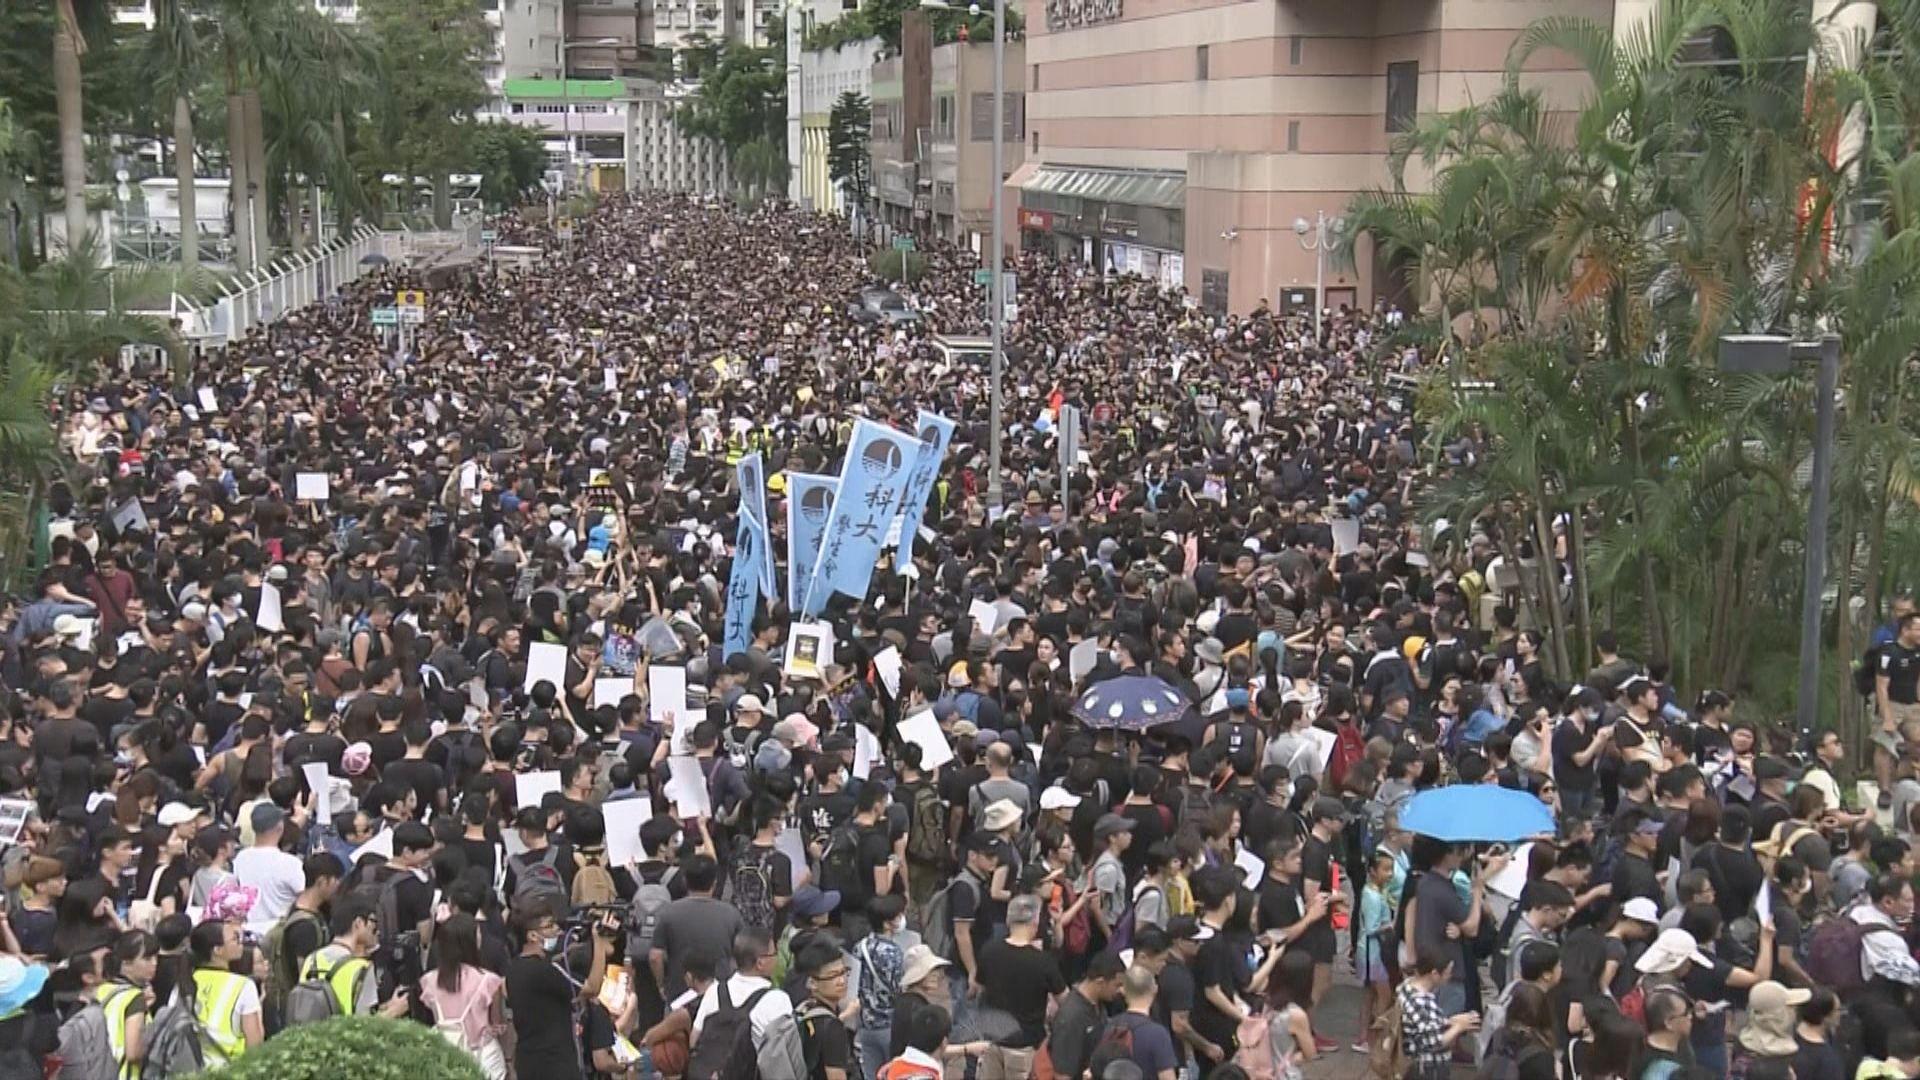 【將軍澳遊行】主辦單位指15萬人參加遊行